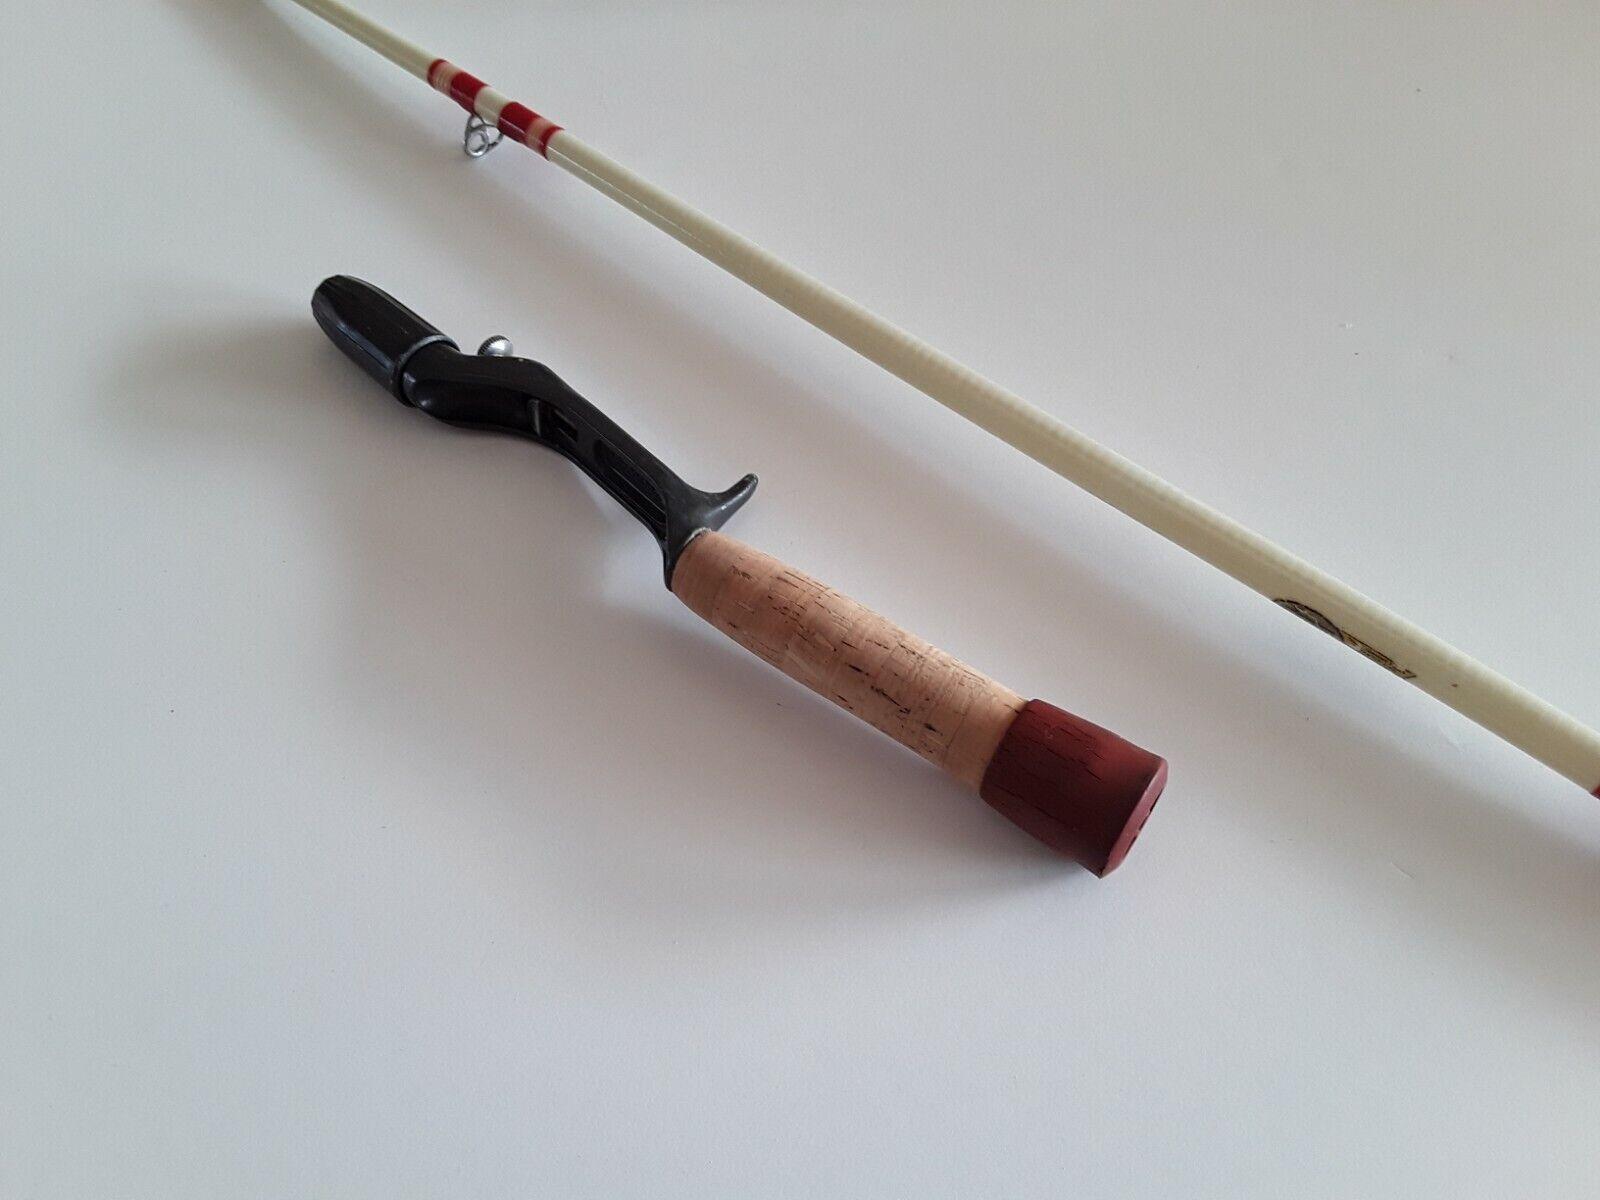 Vintage Shakespeare Wonderod Muskie Bait Casting Rod SS140EEJ 5'6